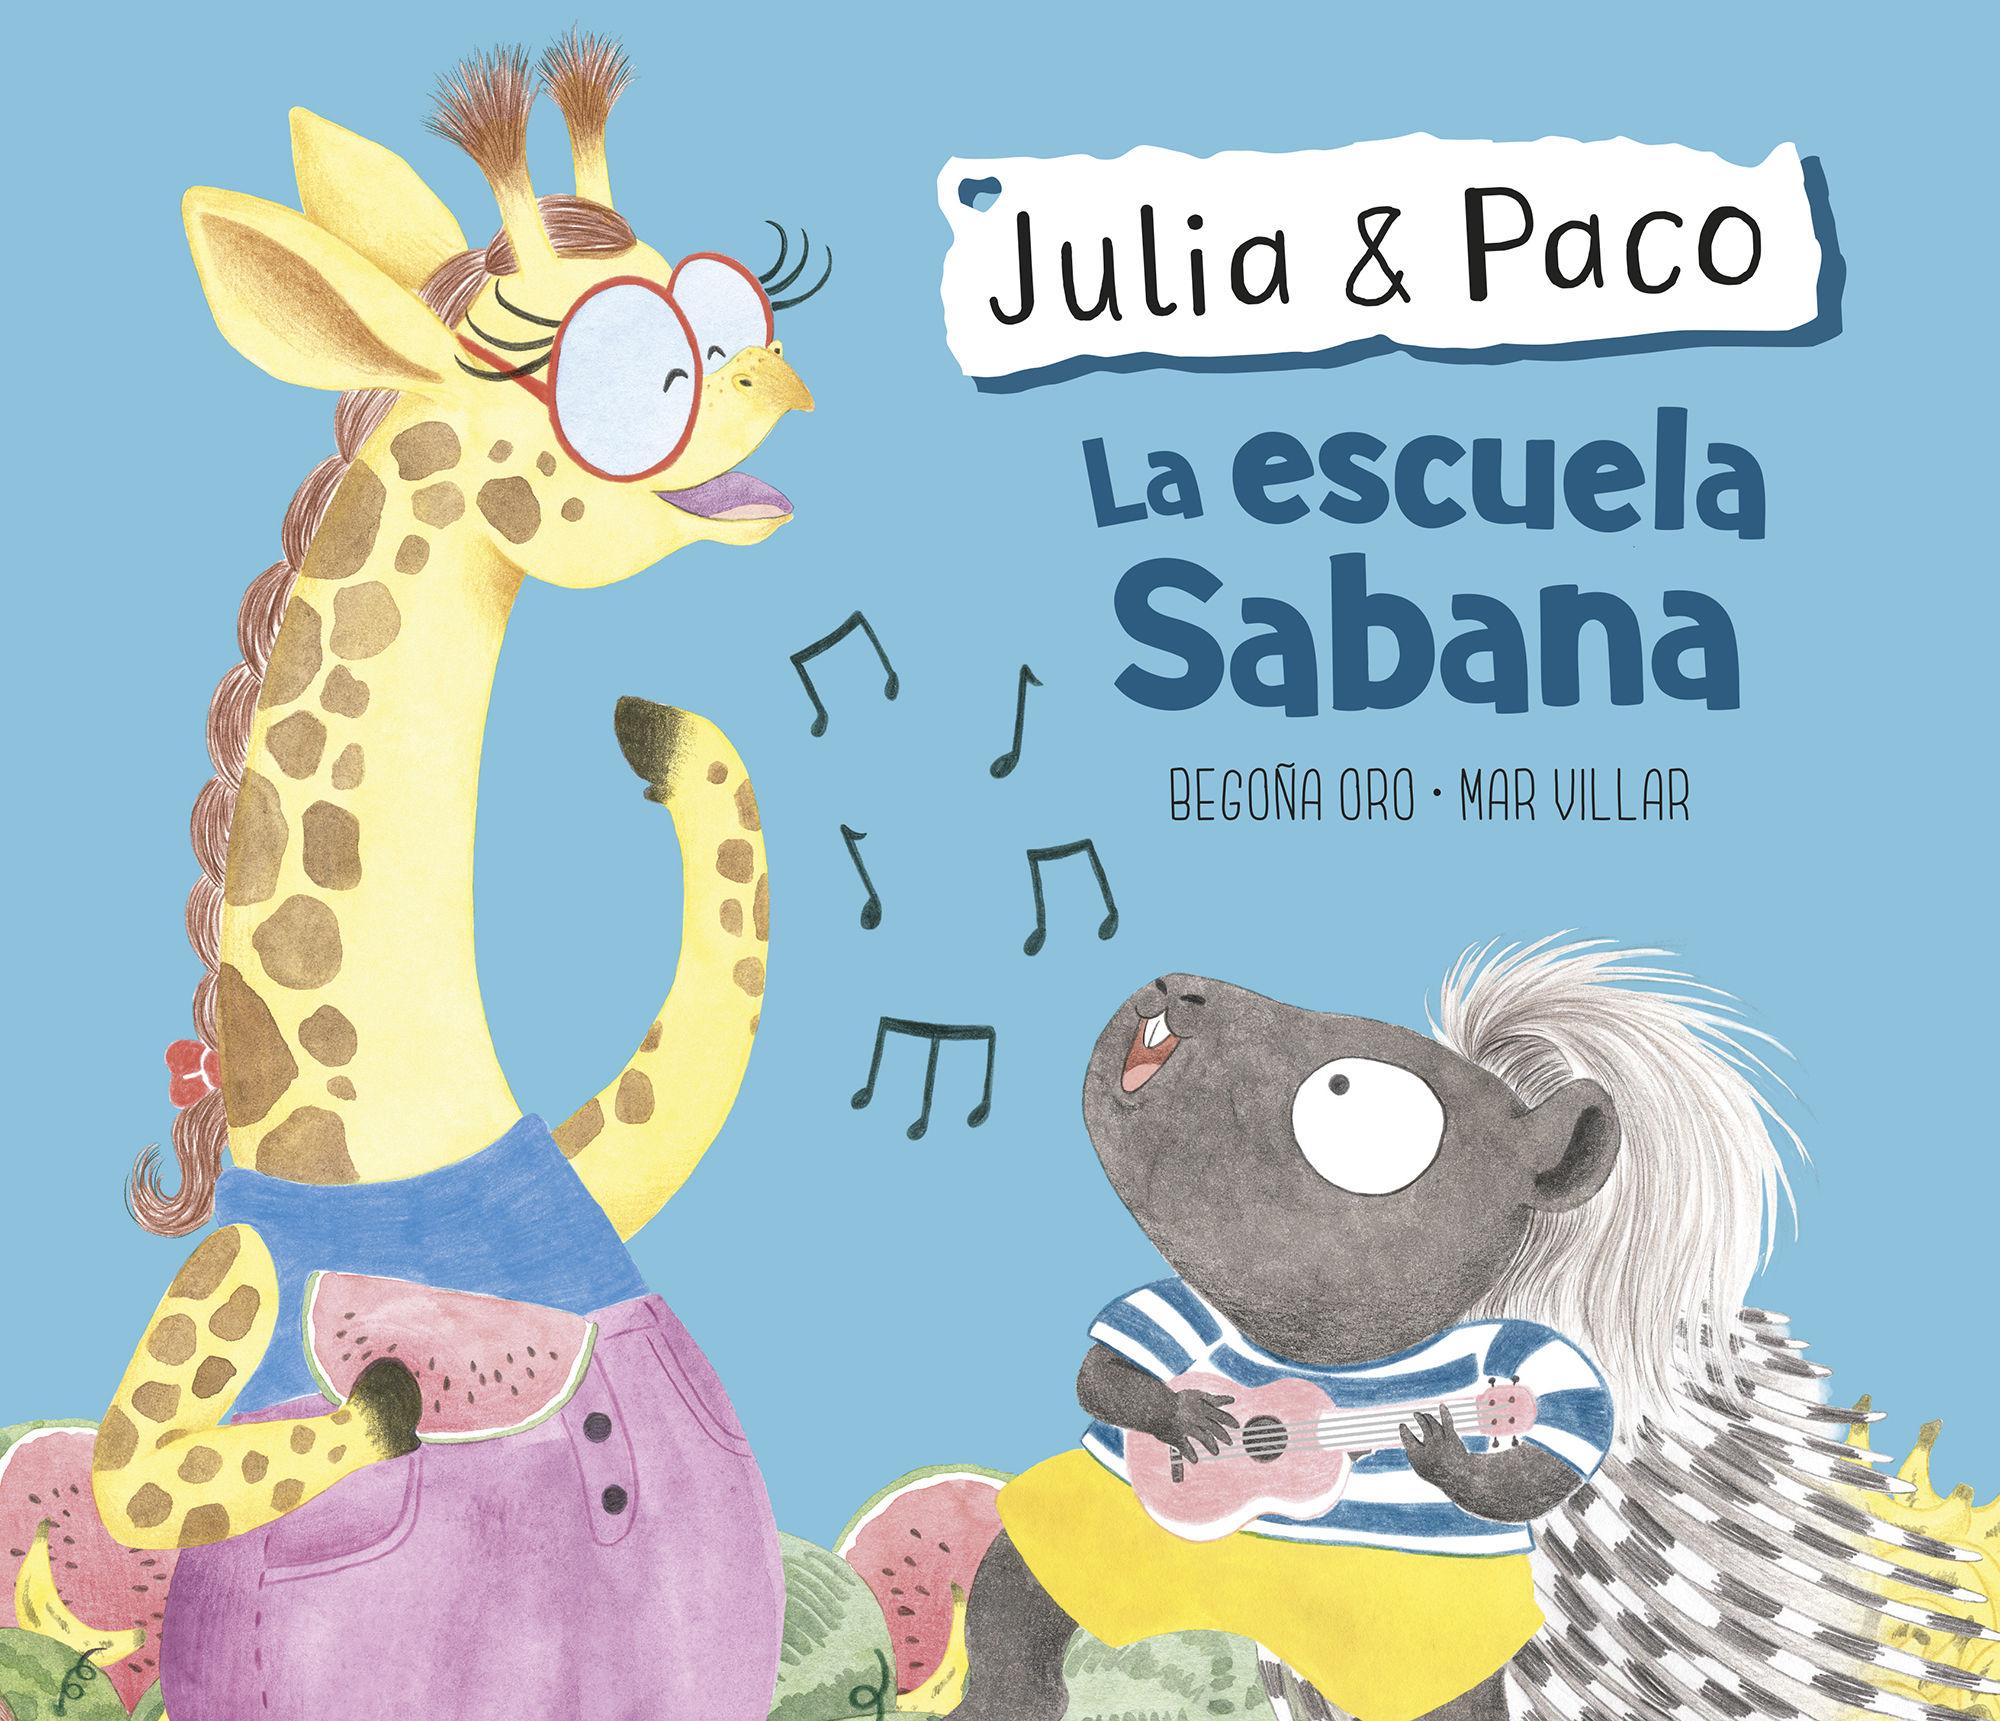 ESCUELA SABANA JULIA & PACO LA